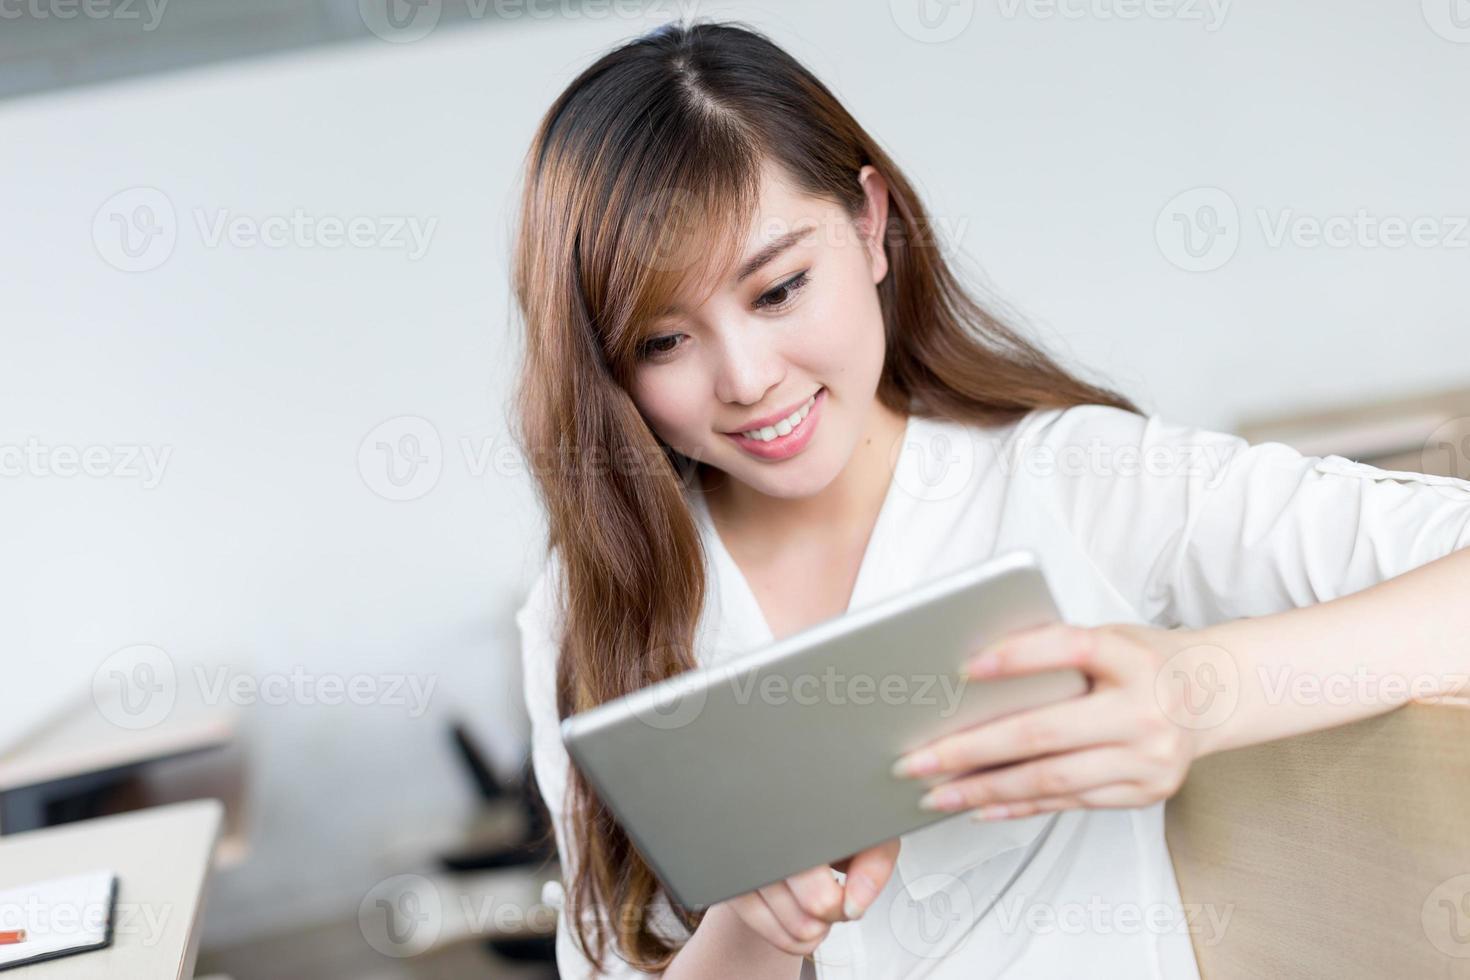 Aziatische mooie vrouwelijke studentenstudie met tablet in klaslokaal foto